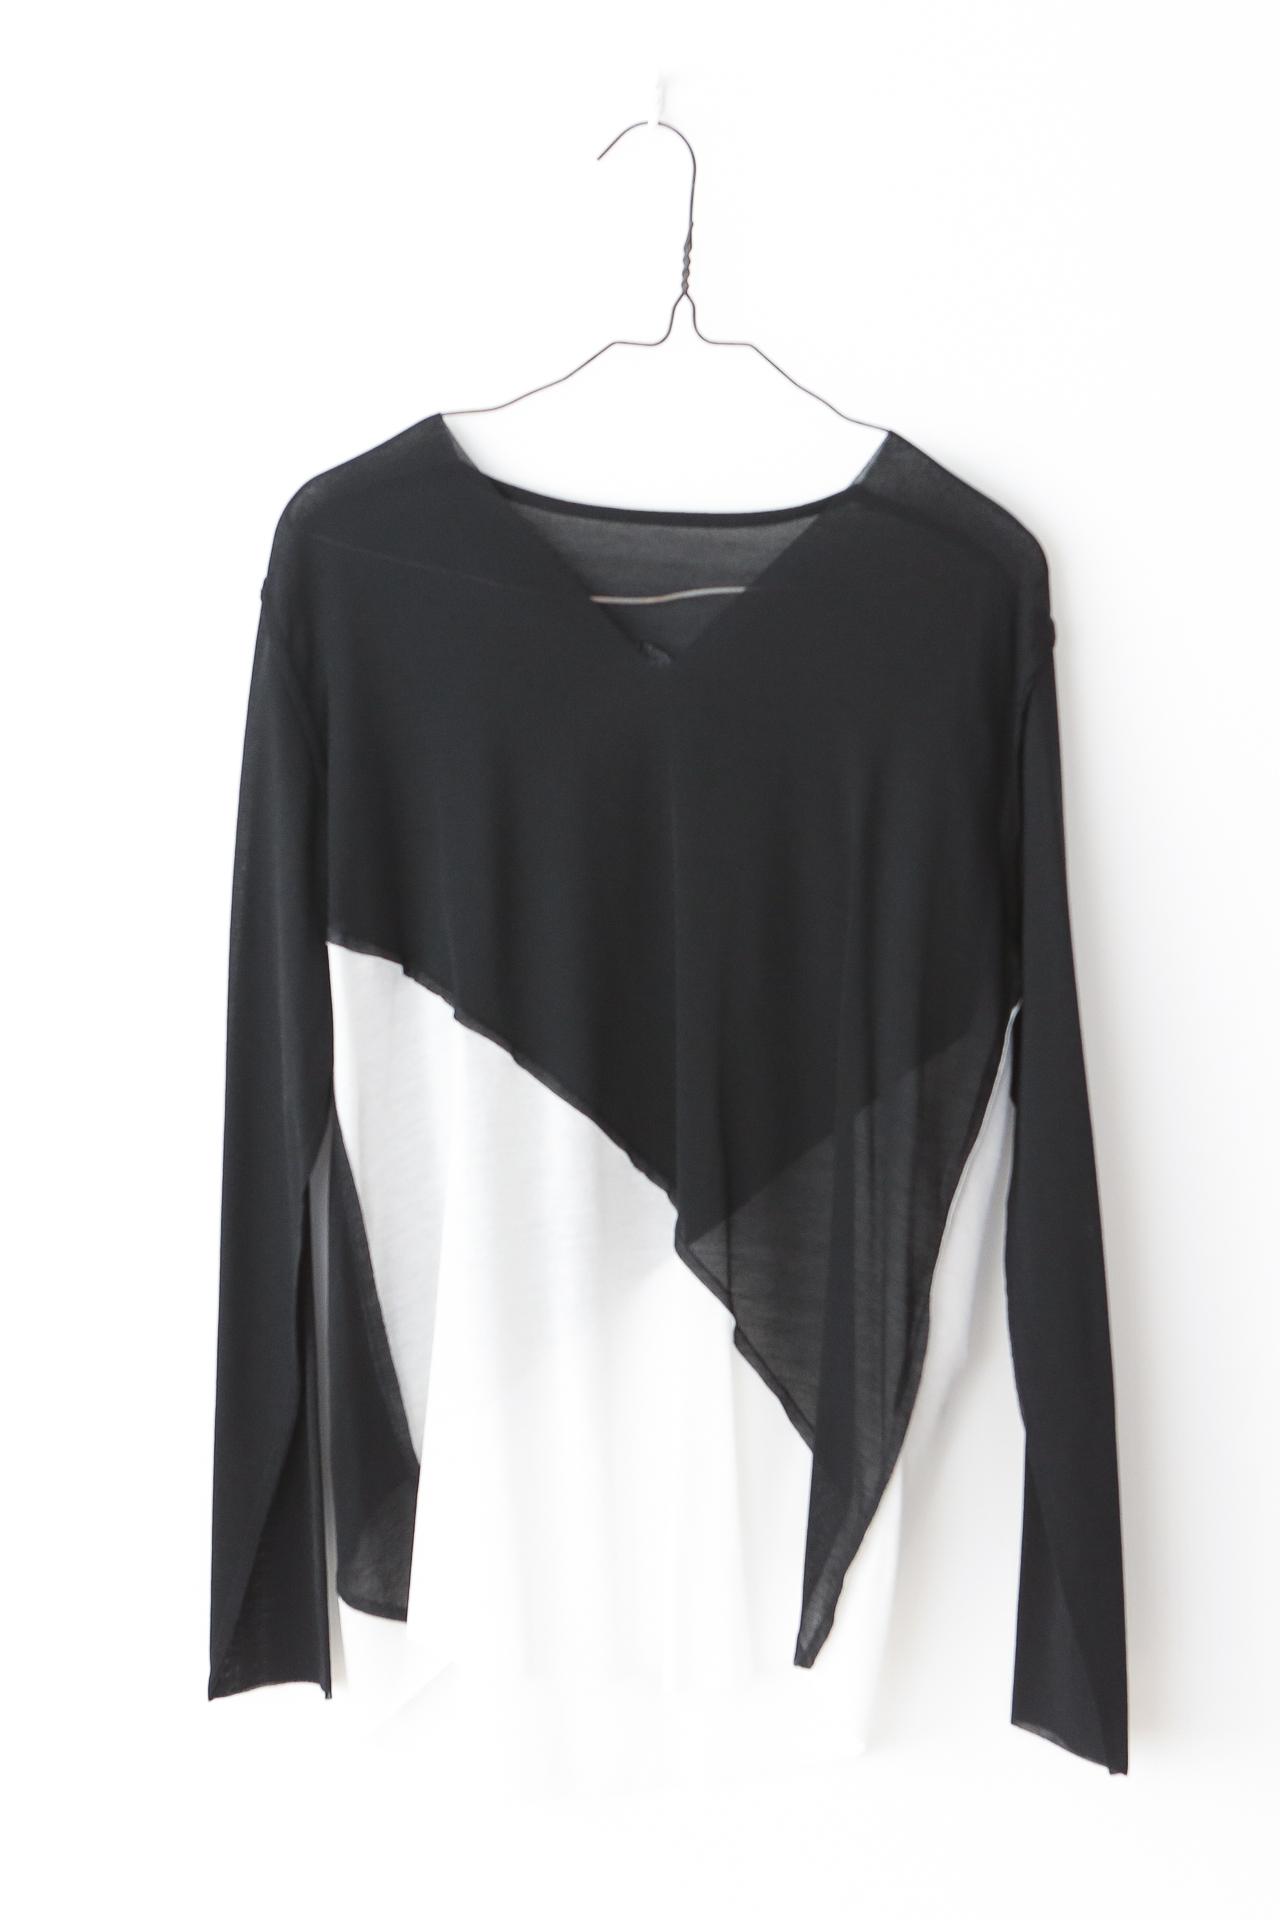 [受注生産]T-shirt【COTTON コットン】CS2111[税/送料込]